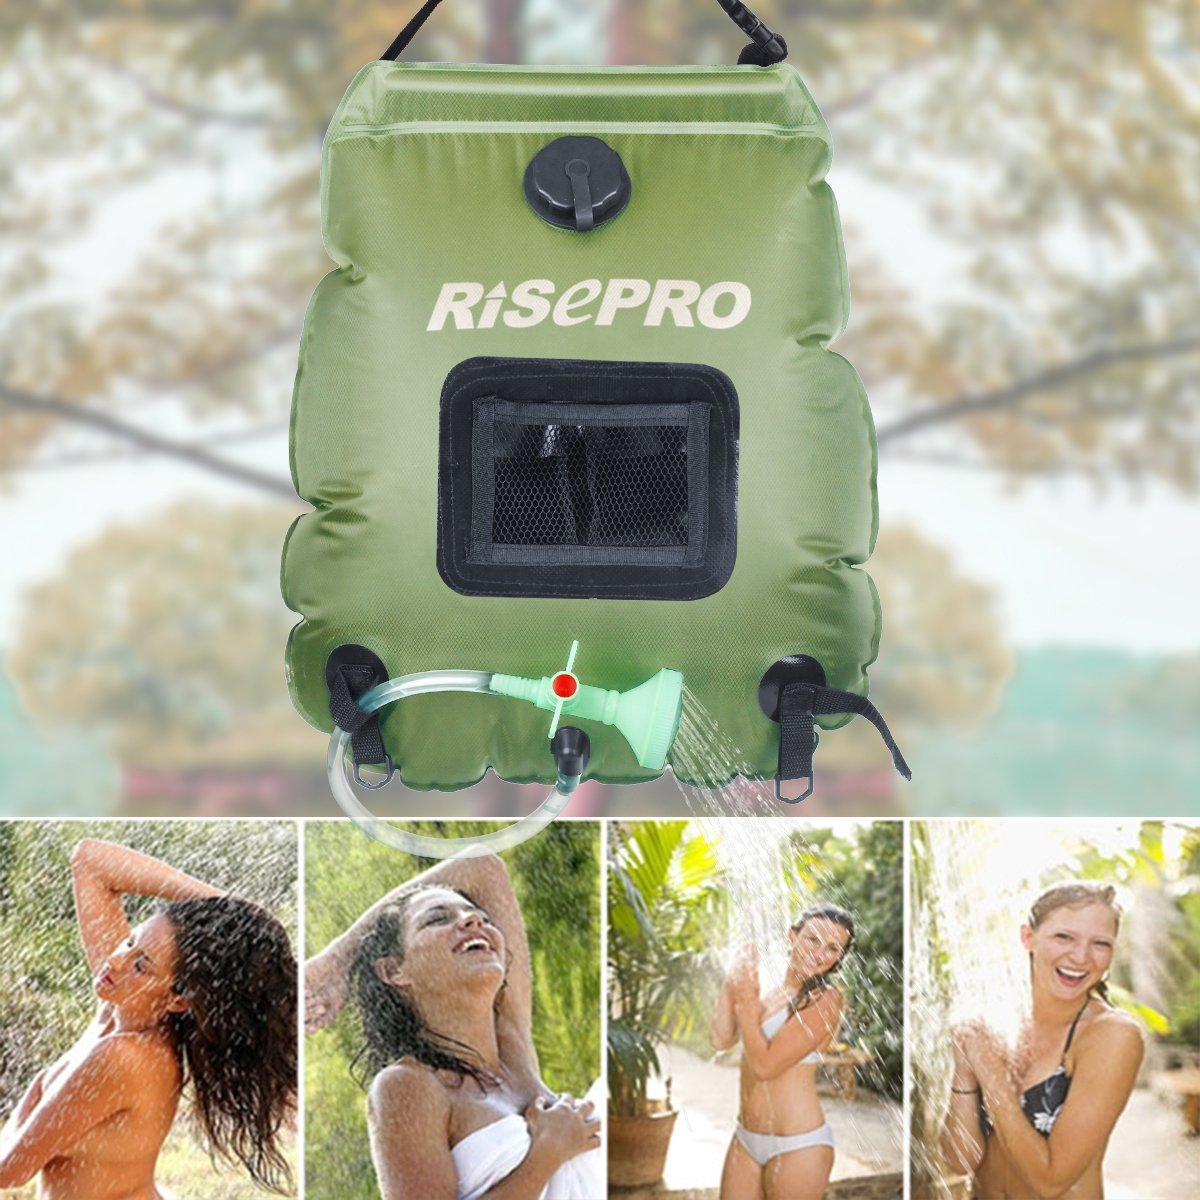 agua caliente hasta 45//°C 20 litros para c/ámping con alcachofa de ducha conectable y manguera extra/íble Risepro K8 Bolsa de ducha Solar de alta calidad